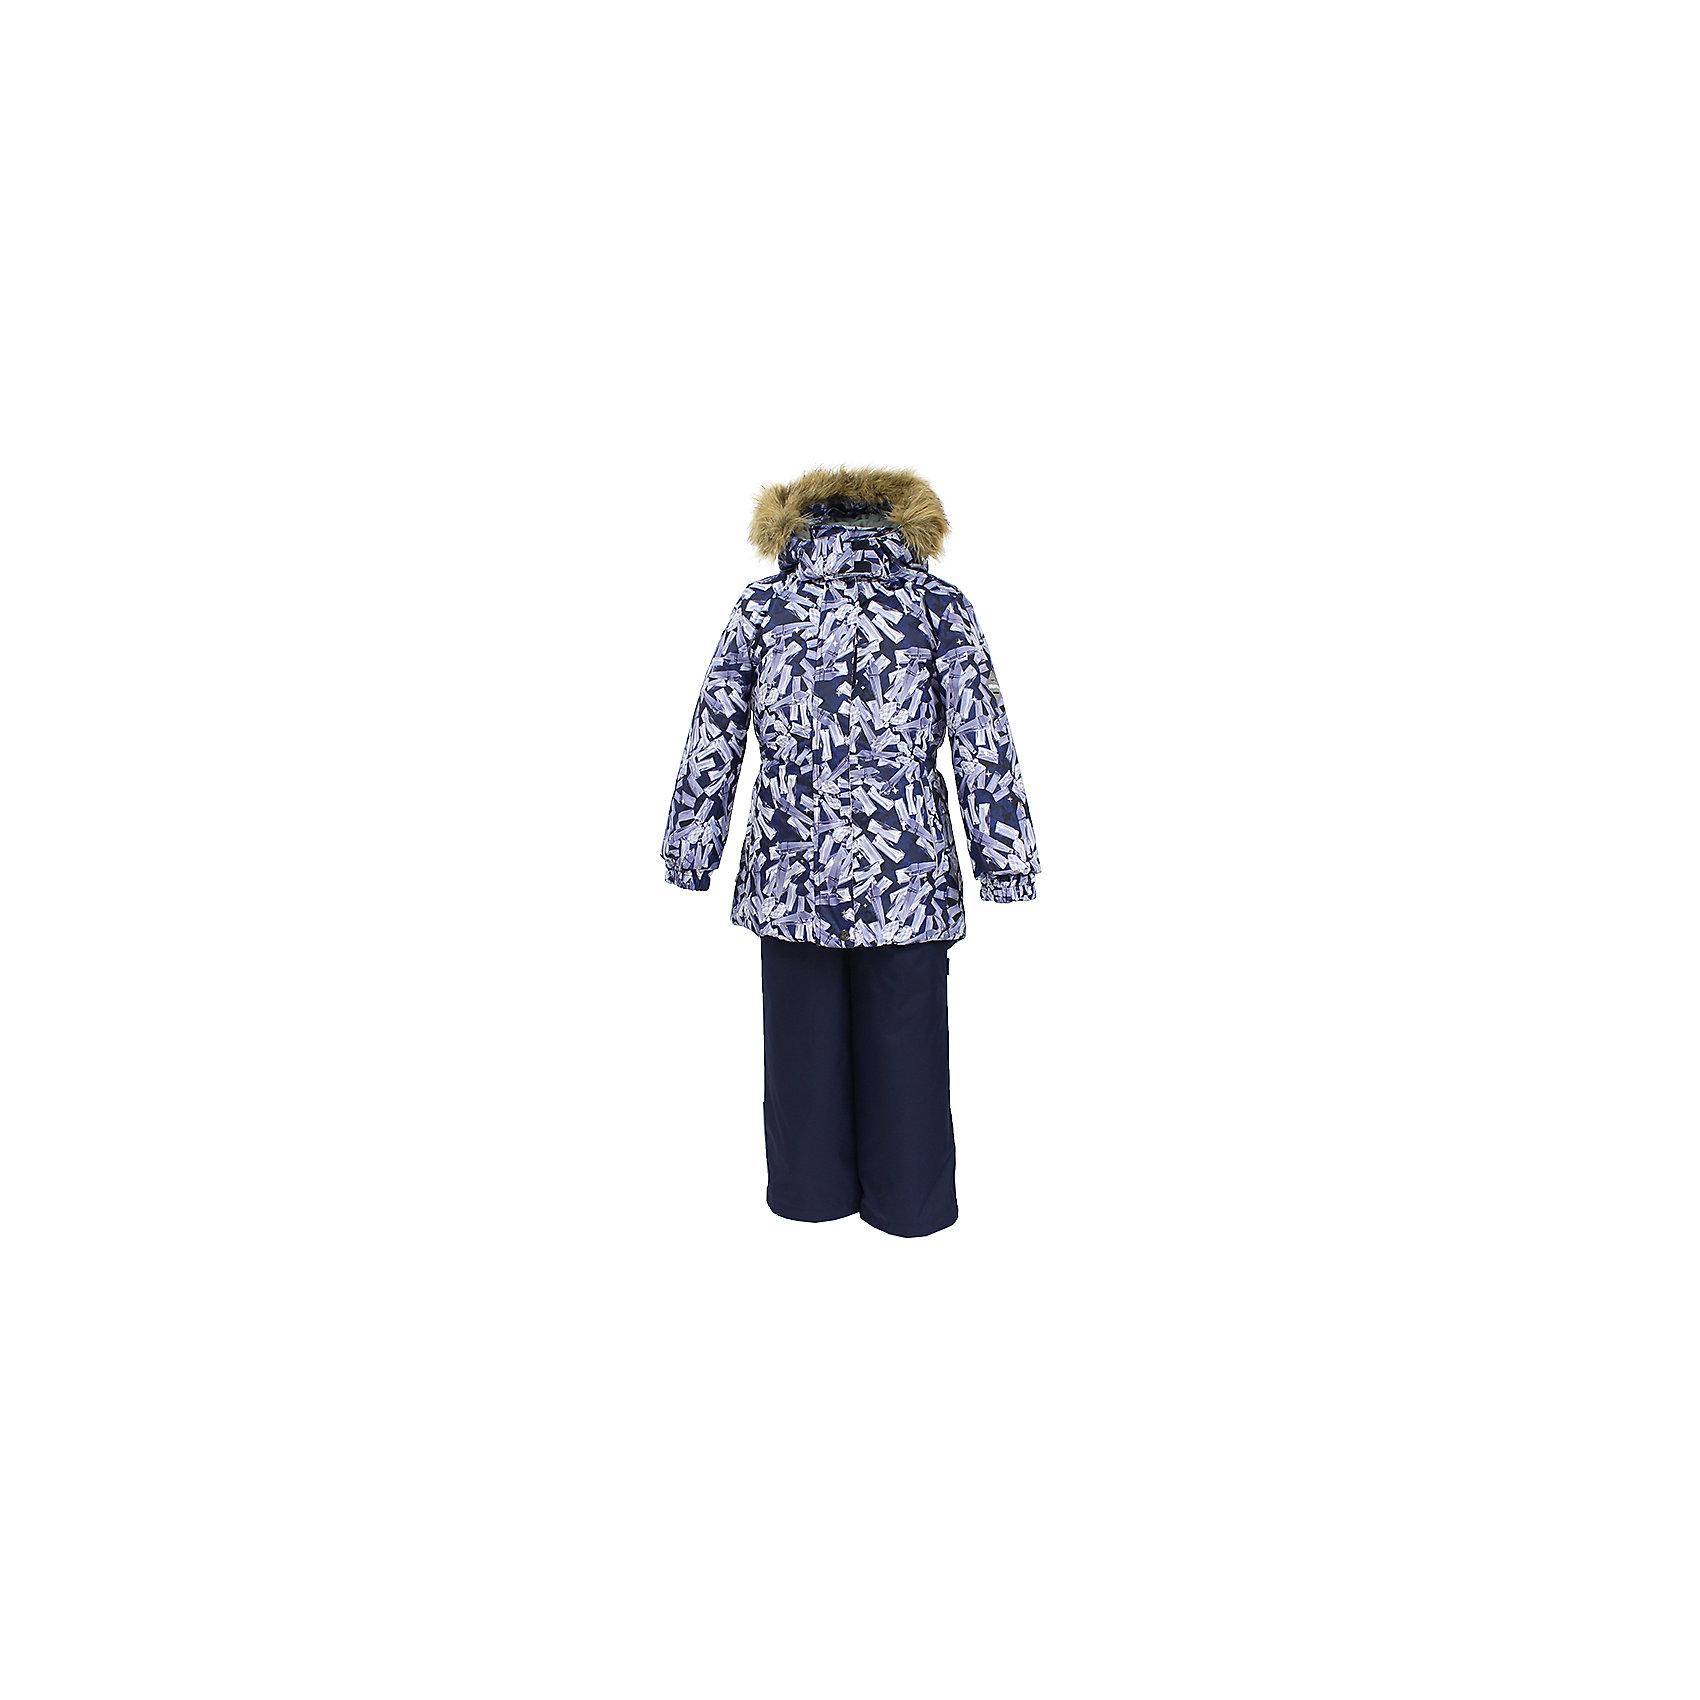 Комплект: куртка и брюки RENELY Huppa для девочкиКомплекты<br>Характеристики товара:<br><br>• модель: Renely;<br>• цвет: черный/серый<br>• состав: 100% полиэстер;<br>• утеплитель: нового поколения HuppaTherm, 300/160гр;<br>• подкладка: полиэстер: тафта, pritex;<br>• сезон: зима;<br>• температурный режим: от -5 до - 30С;<br>• водонепроницаемость: куртка 5000 мм / полукомбинезон 10000 мм ;<br>• воздухопроницаемость: куртка 5000 / полукомбинезон 10000 г/м2/24 ч;<br>• влагоустойчивая и дышащая ткань верхнего слоя изделия;<br>• особенности модели: c рисунком; с мехом;<br>• плечевые швы и шаговый шов проклеены водостойкой лентой, для дополнительной защиты от протекания;<br>• мембрана препятствует прохождению воды и ветра сквозь ткань;<br>• в куртке застежка молния, прикрыта планкой;<br>• модель приталенная, сзади встроена резинка в области талии;<br>• воротник стойка и дополнительная липучка на капюшоне хорошо закрывают область шеи;<br>• низ куртки стягивается кулиской, что помогает предотвращать попадание снега внутрь;<br>• в полукомбинезоне застежка молния;<br>• лямки полукомбинезона регулируются при помощи карабинов;<br>• форма брючин прямая, внутри дополнительная штанина на резинке, предотвращает попадание снега внутрь;<br>• низ брюк затягивается на шнурок с фиксатором;<br>• капюшон при необходимости отстегивается;<br>• искусственный мех на капюшоне съемный ;<br>• светоотражающих элементов для безопасности ребенка ;<br>• все карманы застегиваются на молнию;<br>• манжеты рукавов на резинке; <br>• страна бренда: Финляндия;<br>• страна изготовитель: Эстония.<br><br>Зимний комплект Renely для девочки бренда HUPPA  водо воздухонепроницаемый. Утеплитель HuppaTherm - высокотехнологичный легкий синтетический утеплитель нового поколения. Сохраняет объем и высокую теплоизоляцию изделия. Изделия HuppaTherm легкие по весу, комфортные и теплые.<br><br>Мембрана препятствует прохождению воды и ветра сквозь ткань внутрь изделия, позволяя испаряться выделяемой телом, образовывающейся 